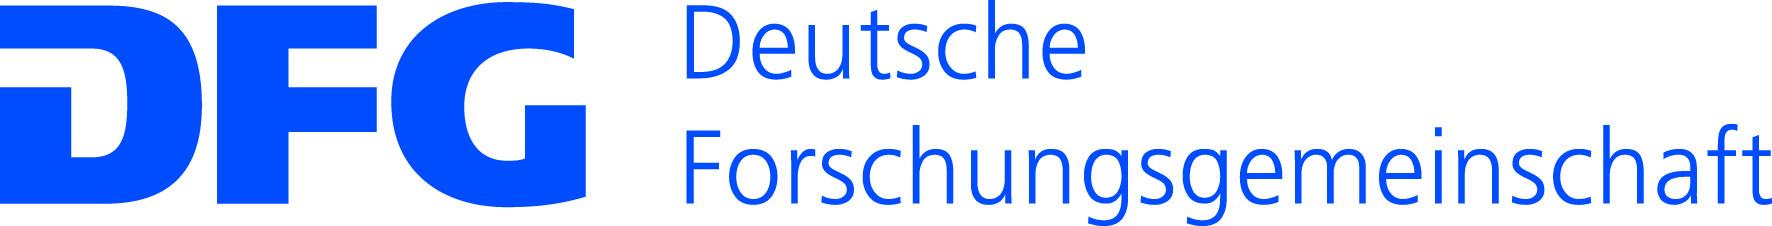 Deutsche_Forschungsgemeinschaft_Logo_jpg